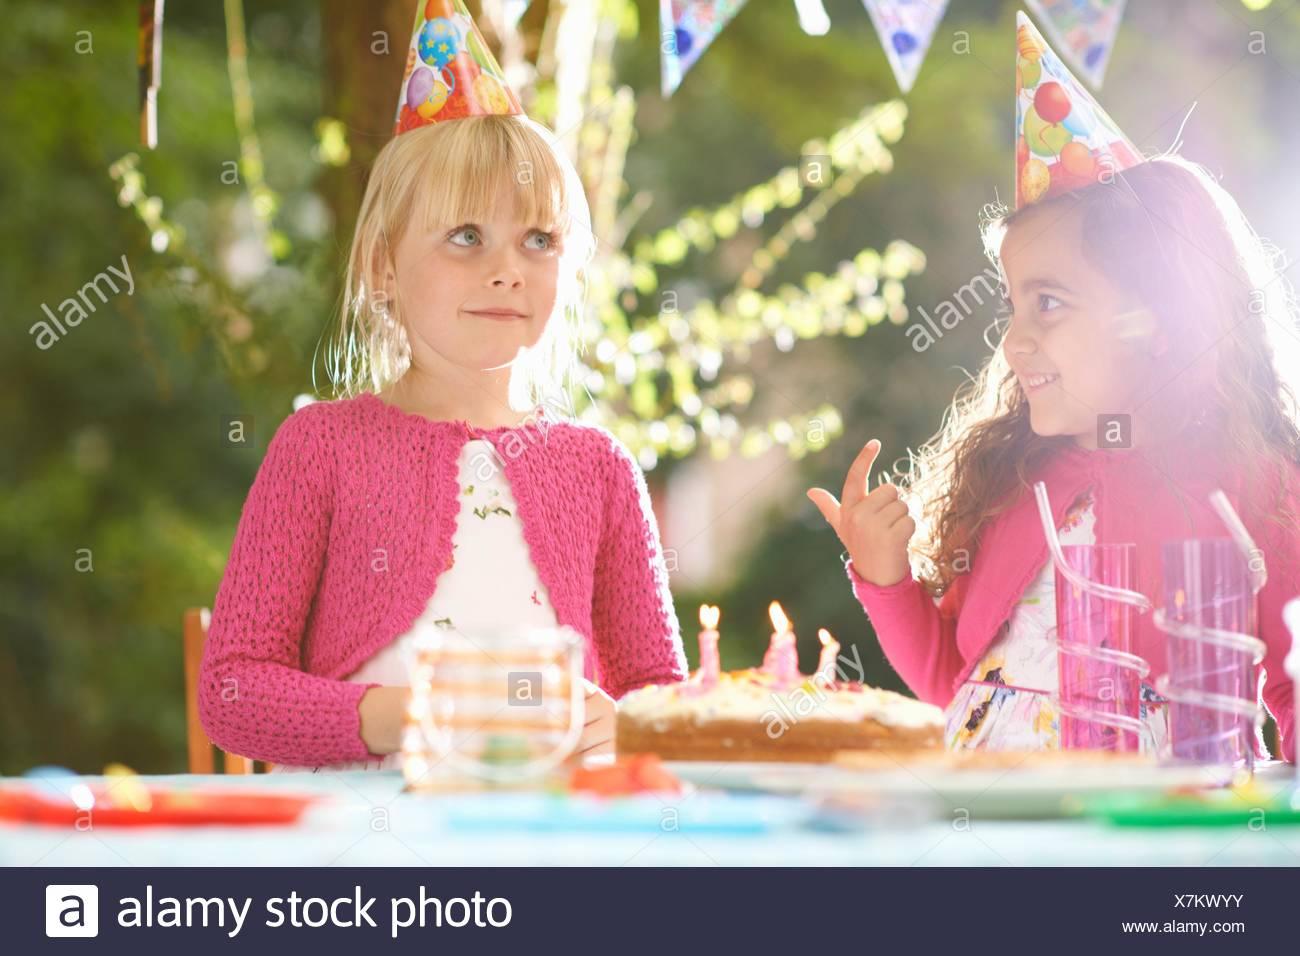 Las niñas con el dedo en la tarta de cumpleaños en el jardín fiesta de cumpleaños Imagen De Stock